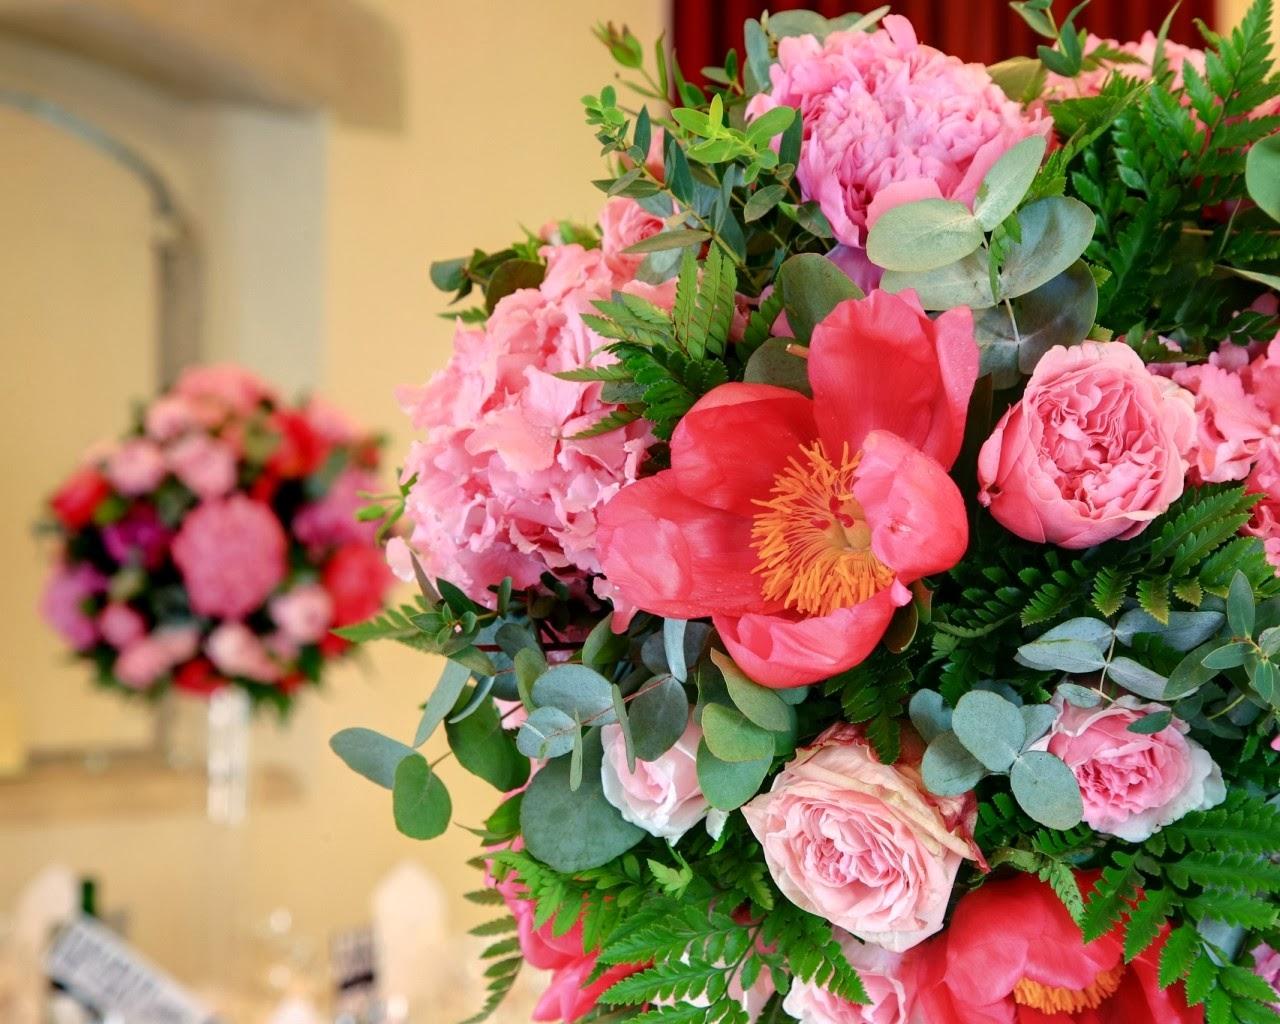 بالصور صور احدث صور ورود طبيعية صور ورد طبيعى باقات ورد احمر , زهور طبيعية 4163 7